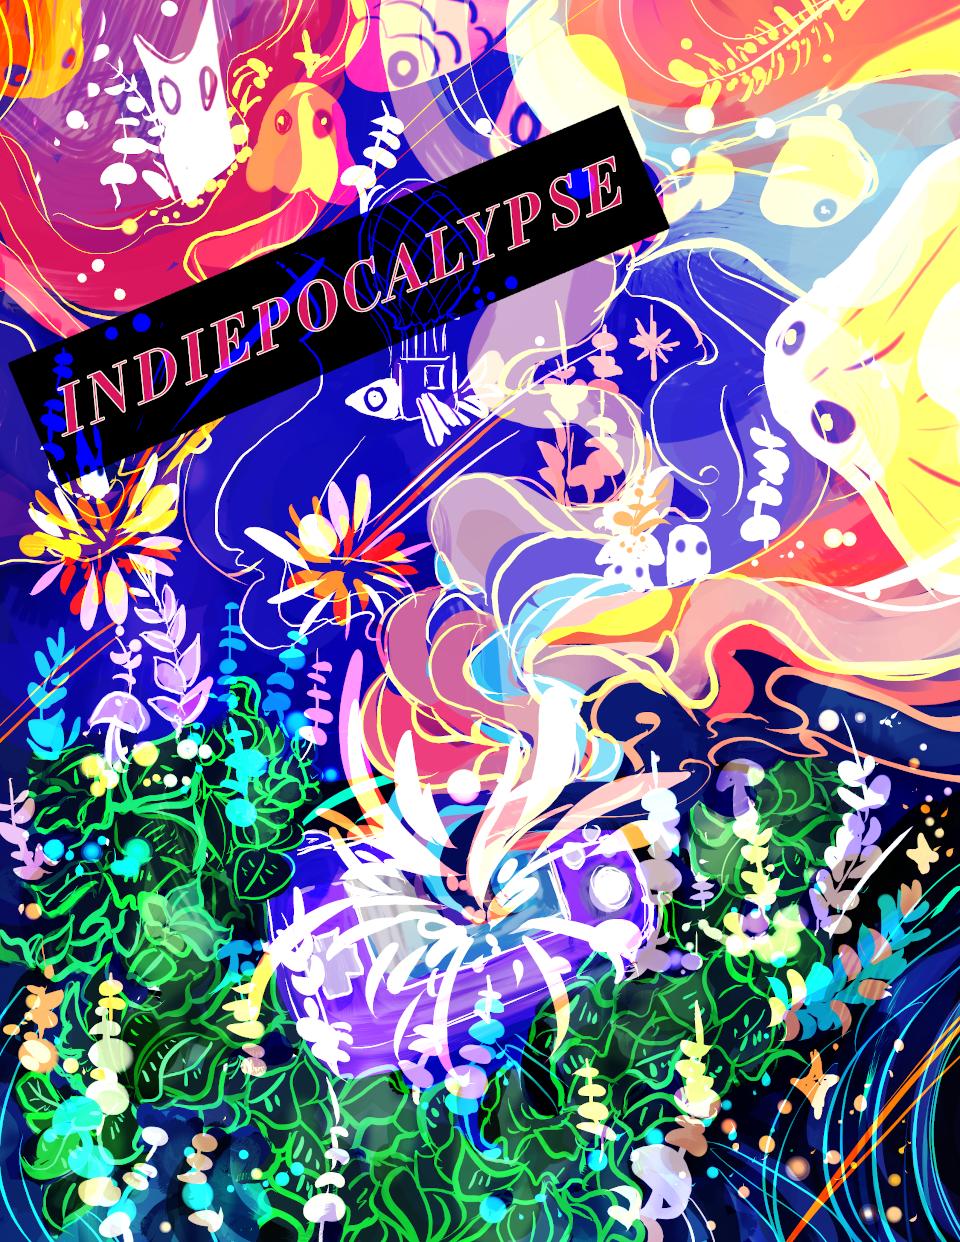 Indiepocalypse #11